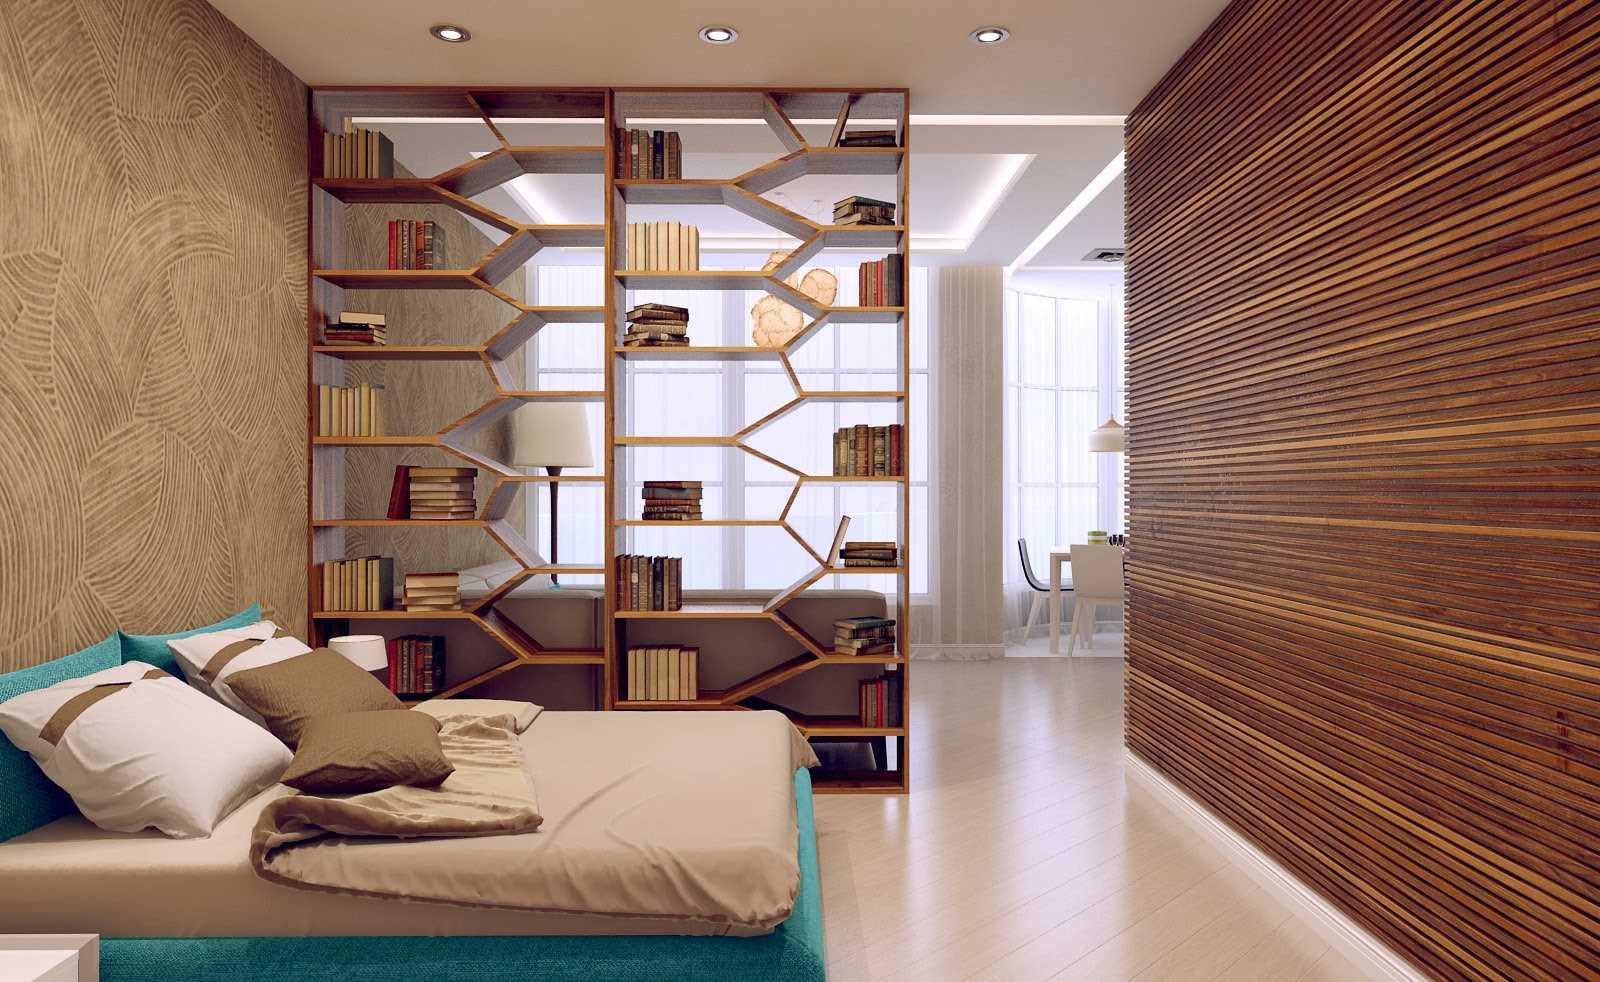 спальня-гостиная 18 кв.м. зонирование полками